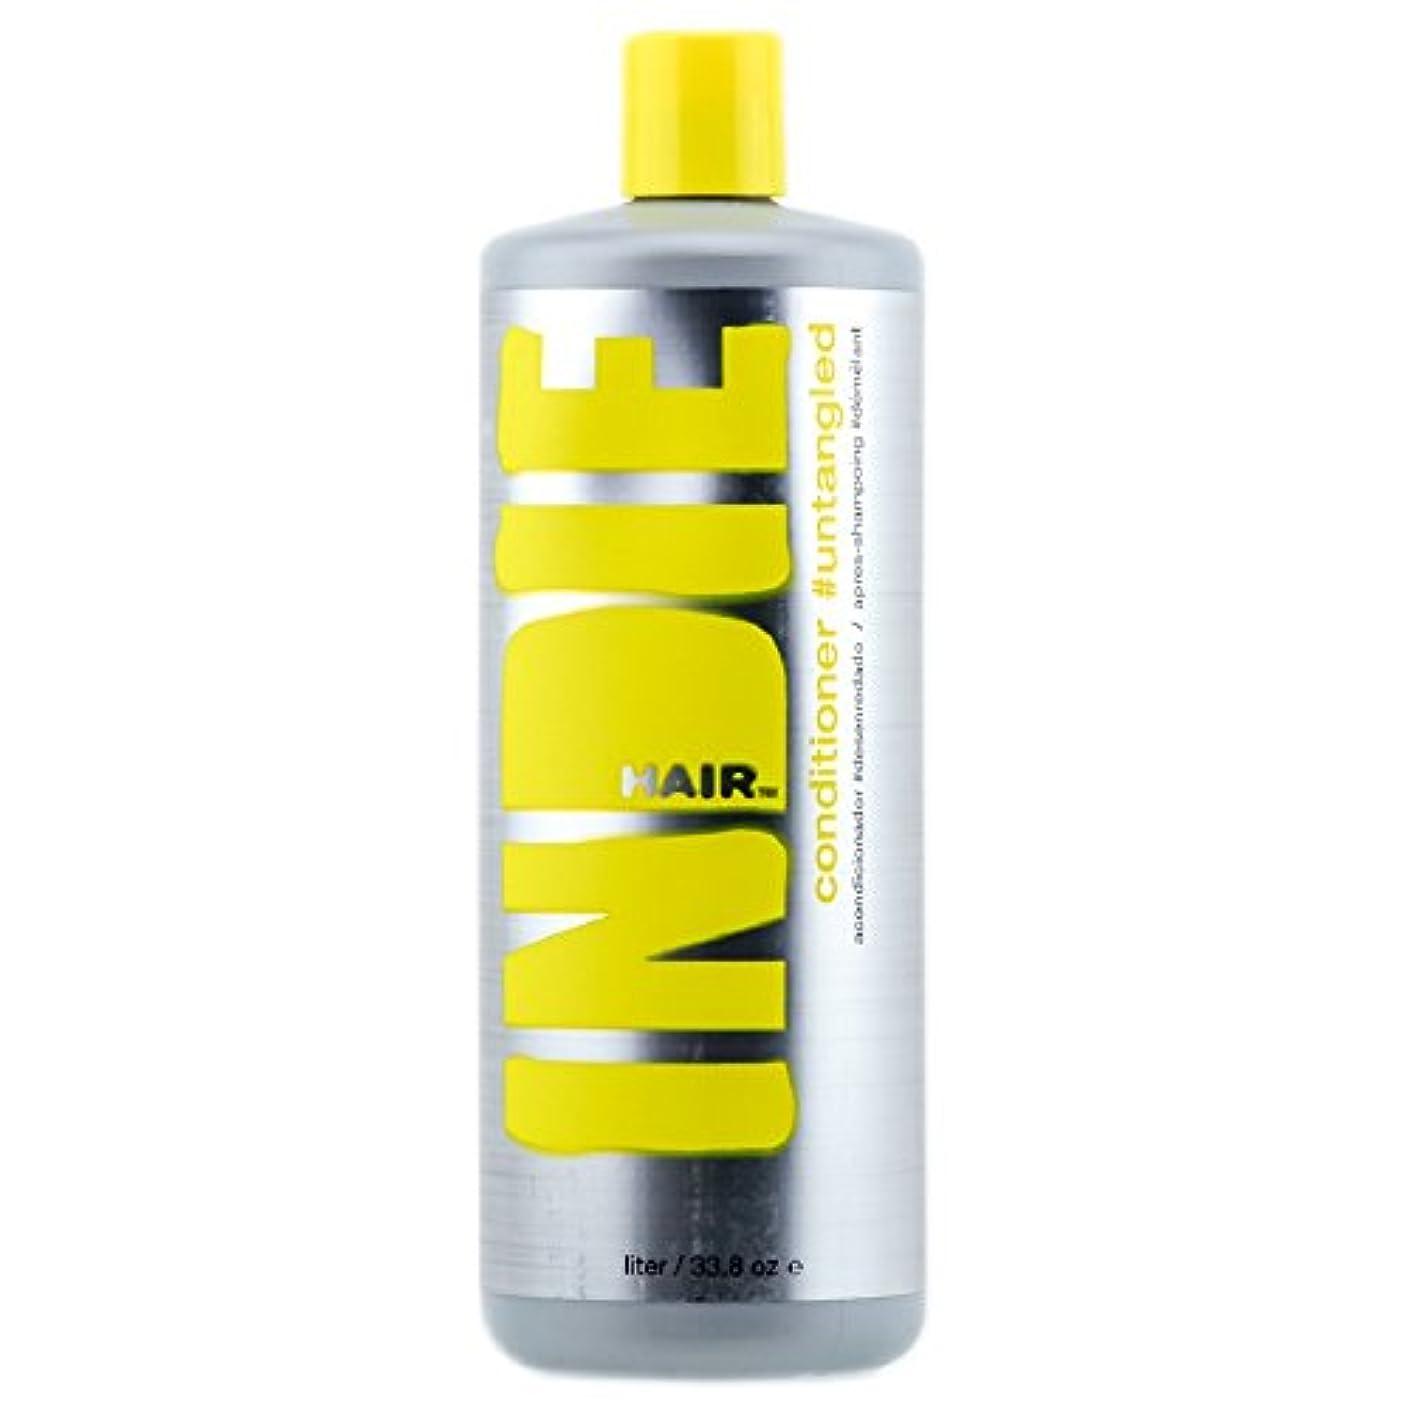 リハーサル配管病弱Indie Hair 2344 Conditioner Untangled, 33.8 Fluid Ounce by Indie Hair